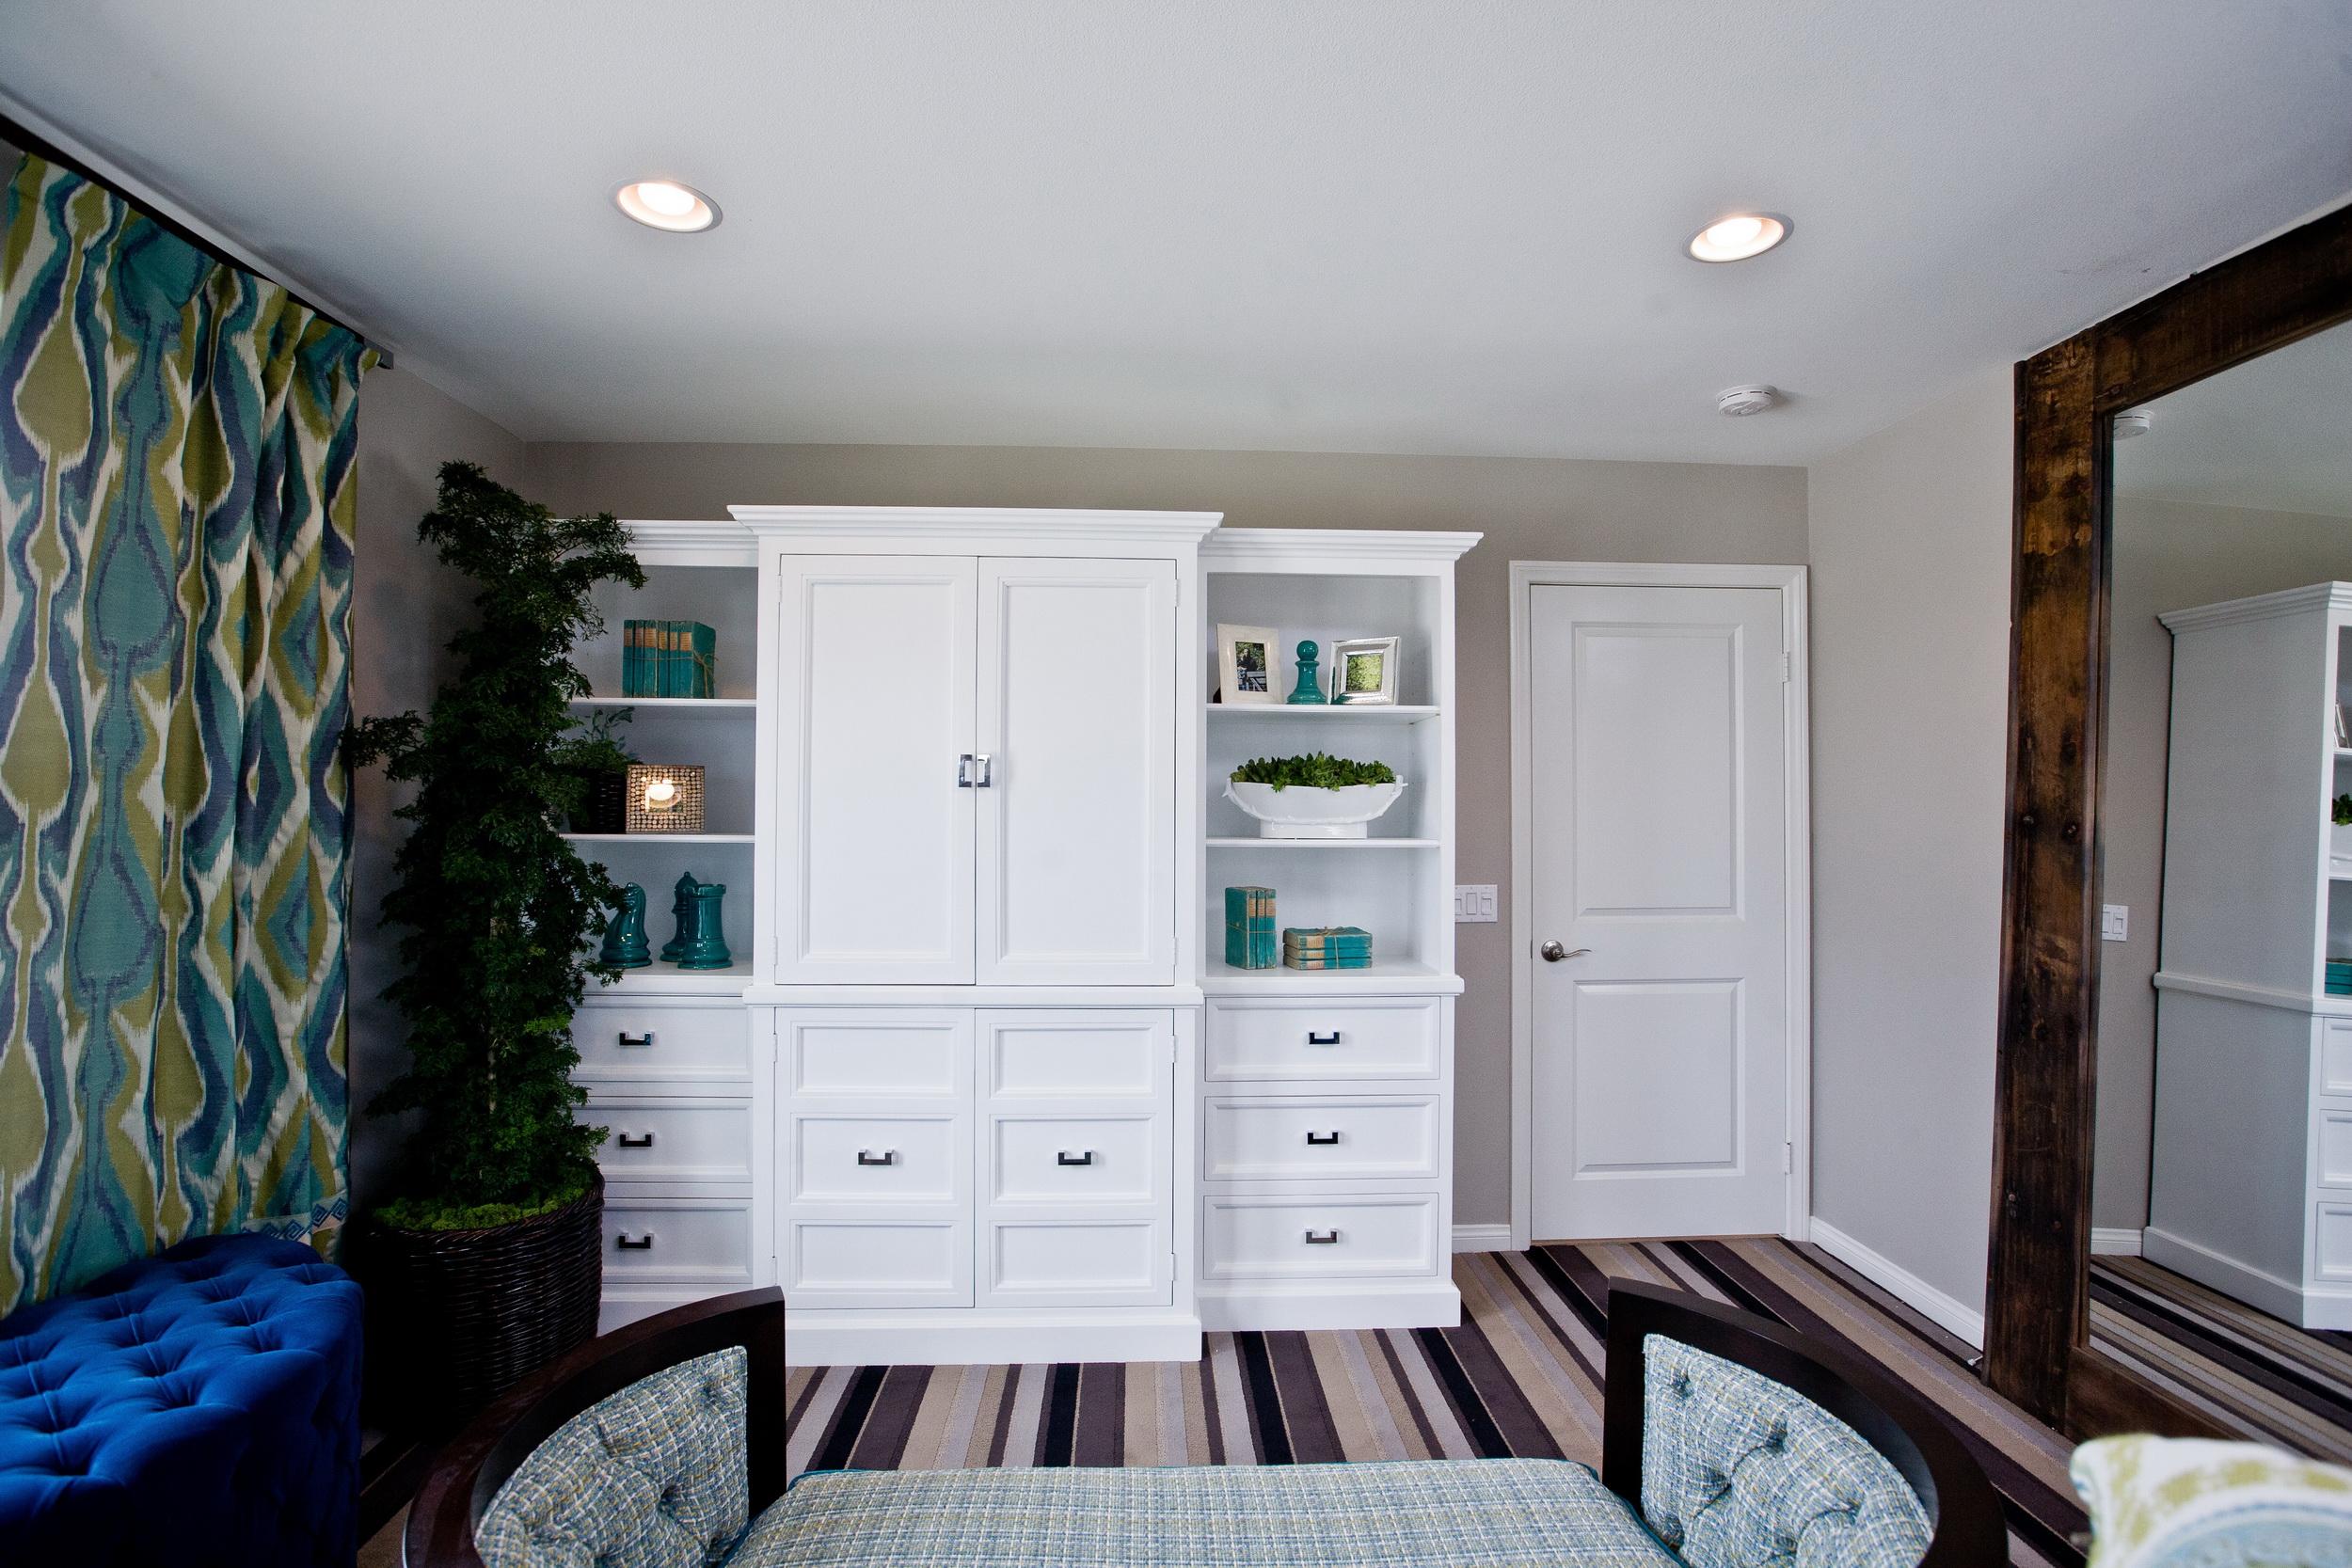 Белый шкаф в спальне. Интерьер в синих, белых и лиловых тонах. Синий пуф, каретная обивка